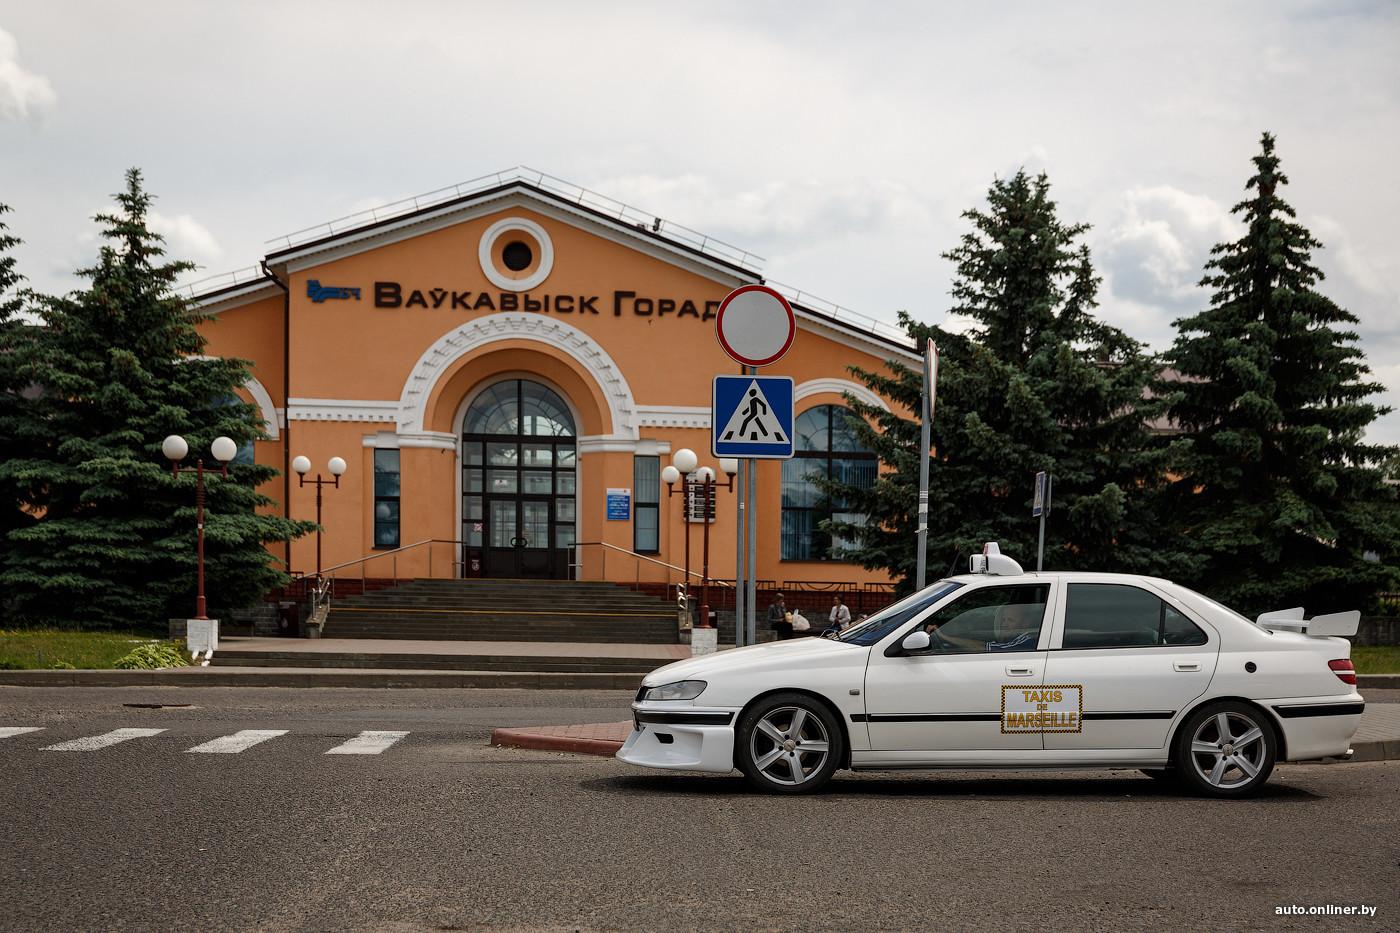 Как в кино. Зачем парень из Волковыска сделал копию Peugeot 406 из фильма «Такси»?